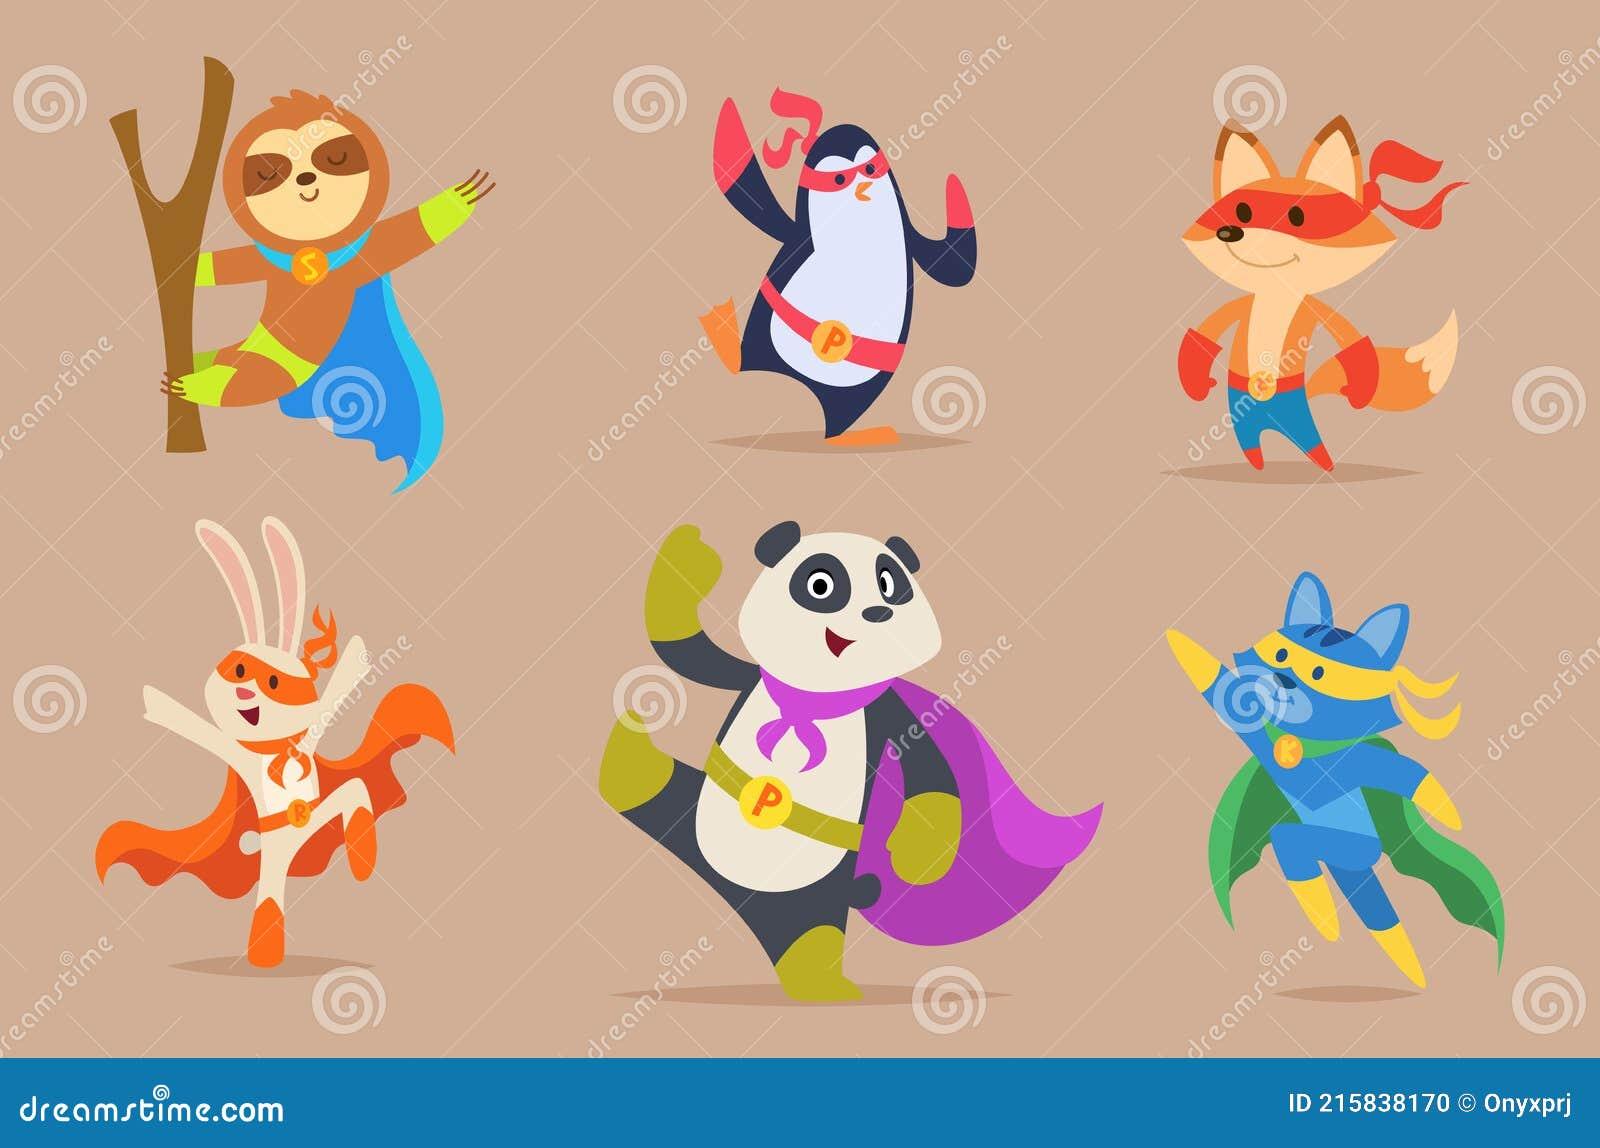 Penguin Superhero Stock Illustrations 50 Penguin Superhero Stock Illustrations Vectors Clipart Dreamstime